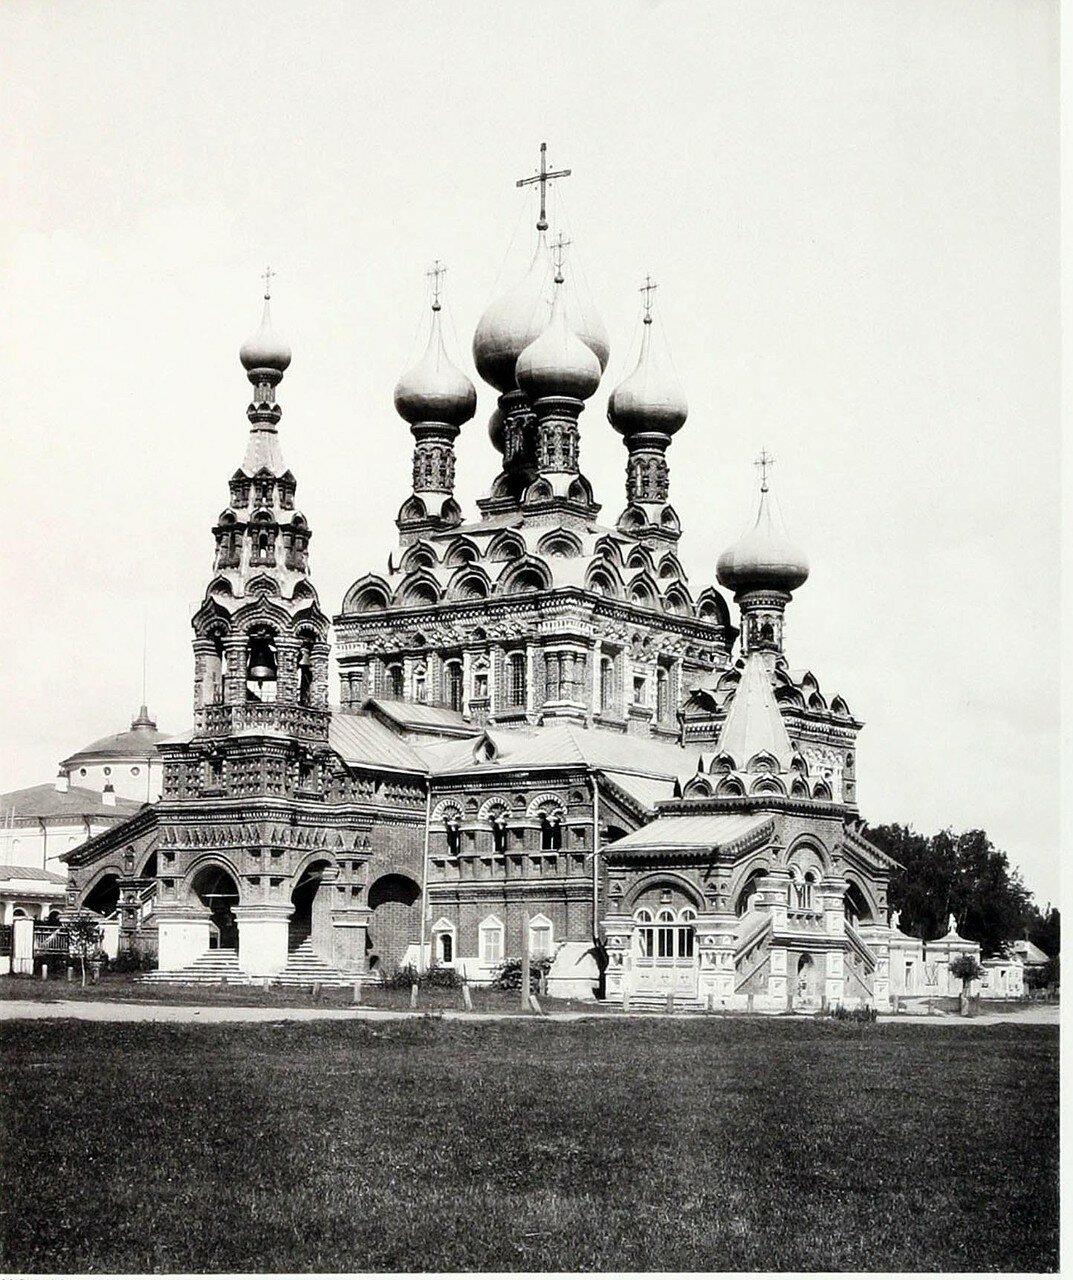 442. Окрестности Москвы. Церковь Святой Троицы в Останкино